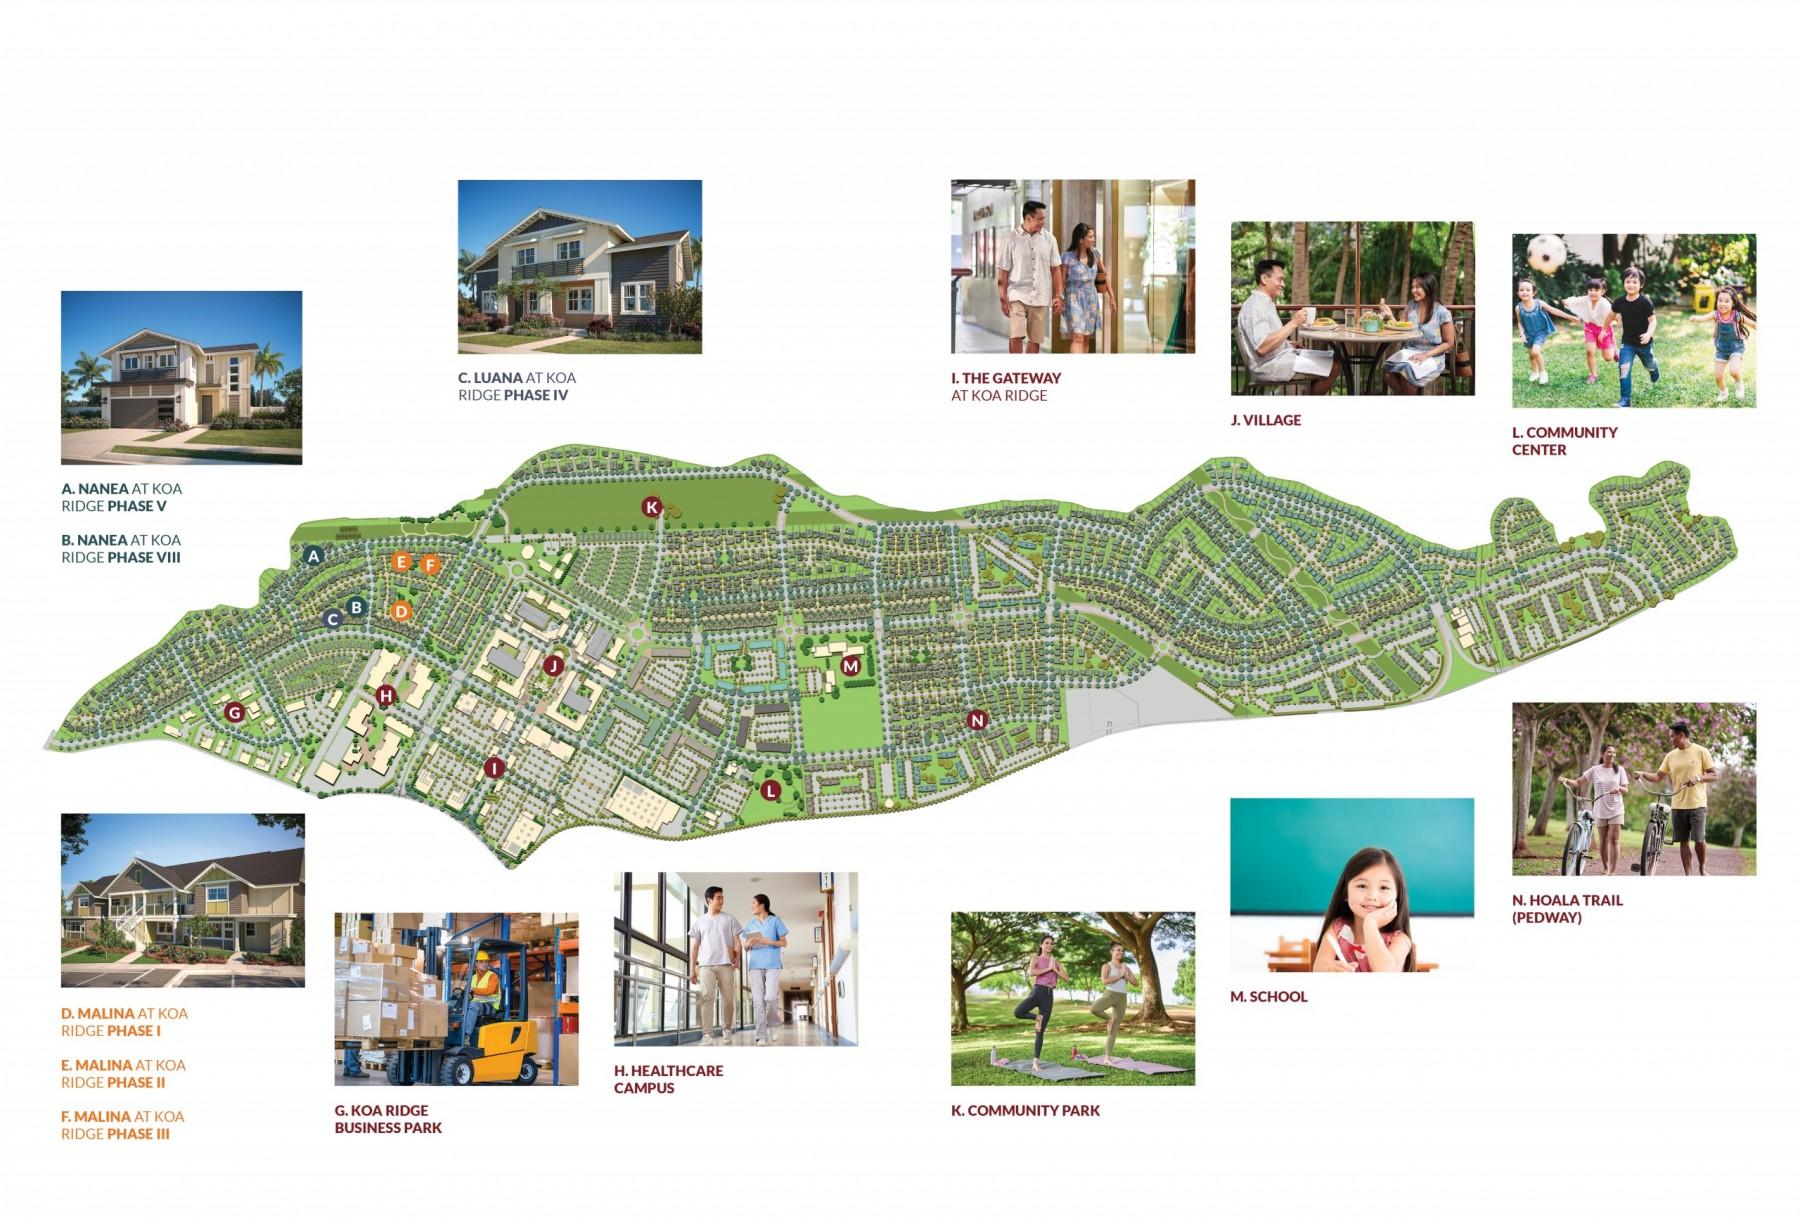 8 09 21 Hhr Feature Castle Cooke Koa Ridge Map 2